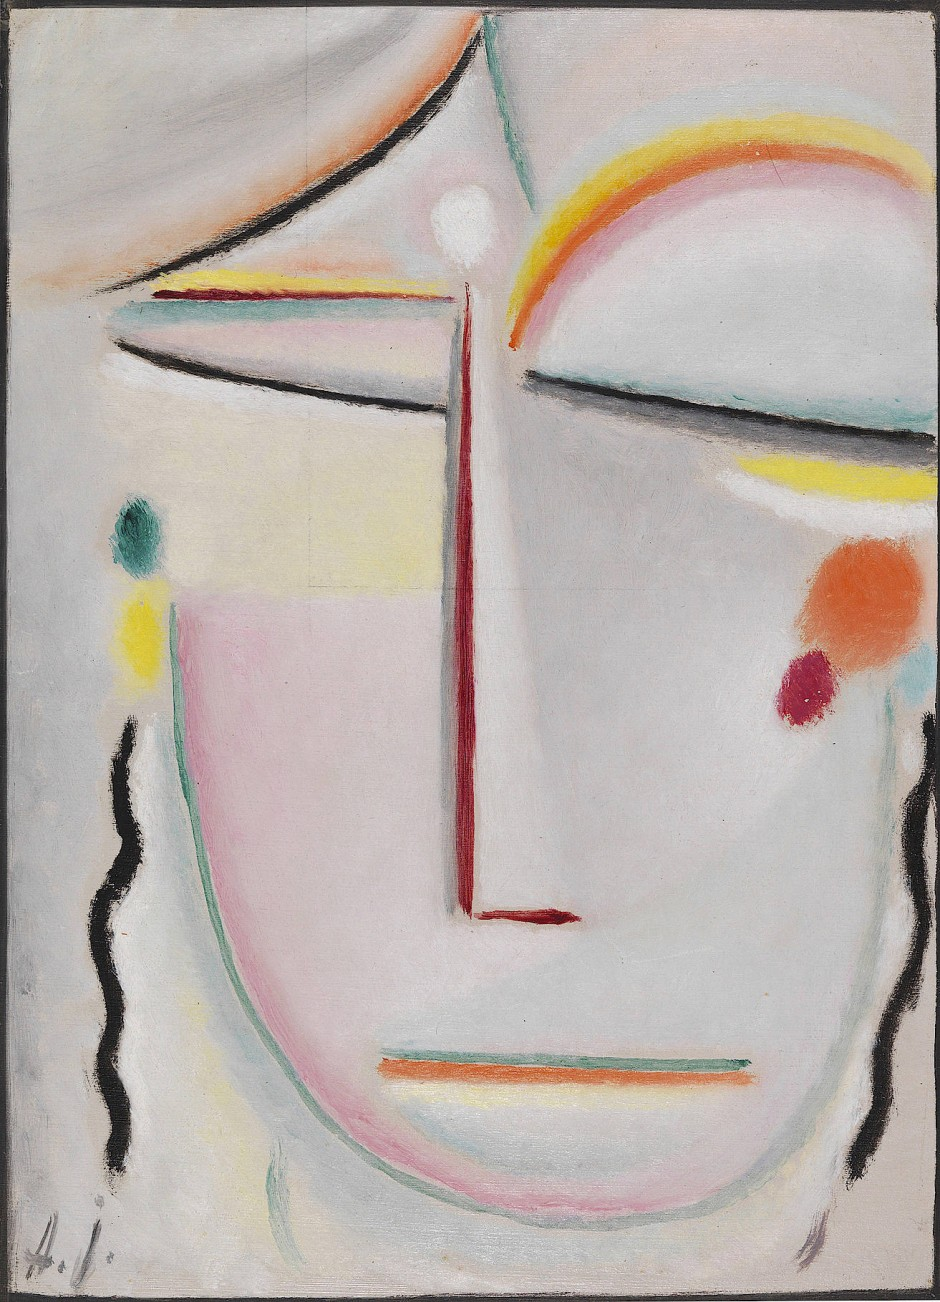 """Zuerst: Alexej von Jawlenskys abstrakter Kopf: """"Erleuchtung II"""" von 1919. Öl auf Papier, , 36,7 x 26,6 cm, Taxe 200.000/300.000 Euro."""